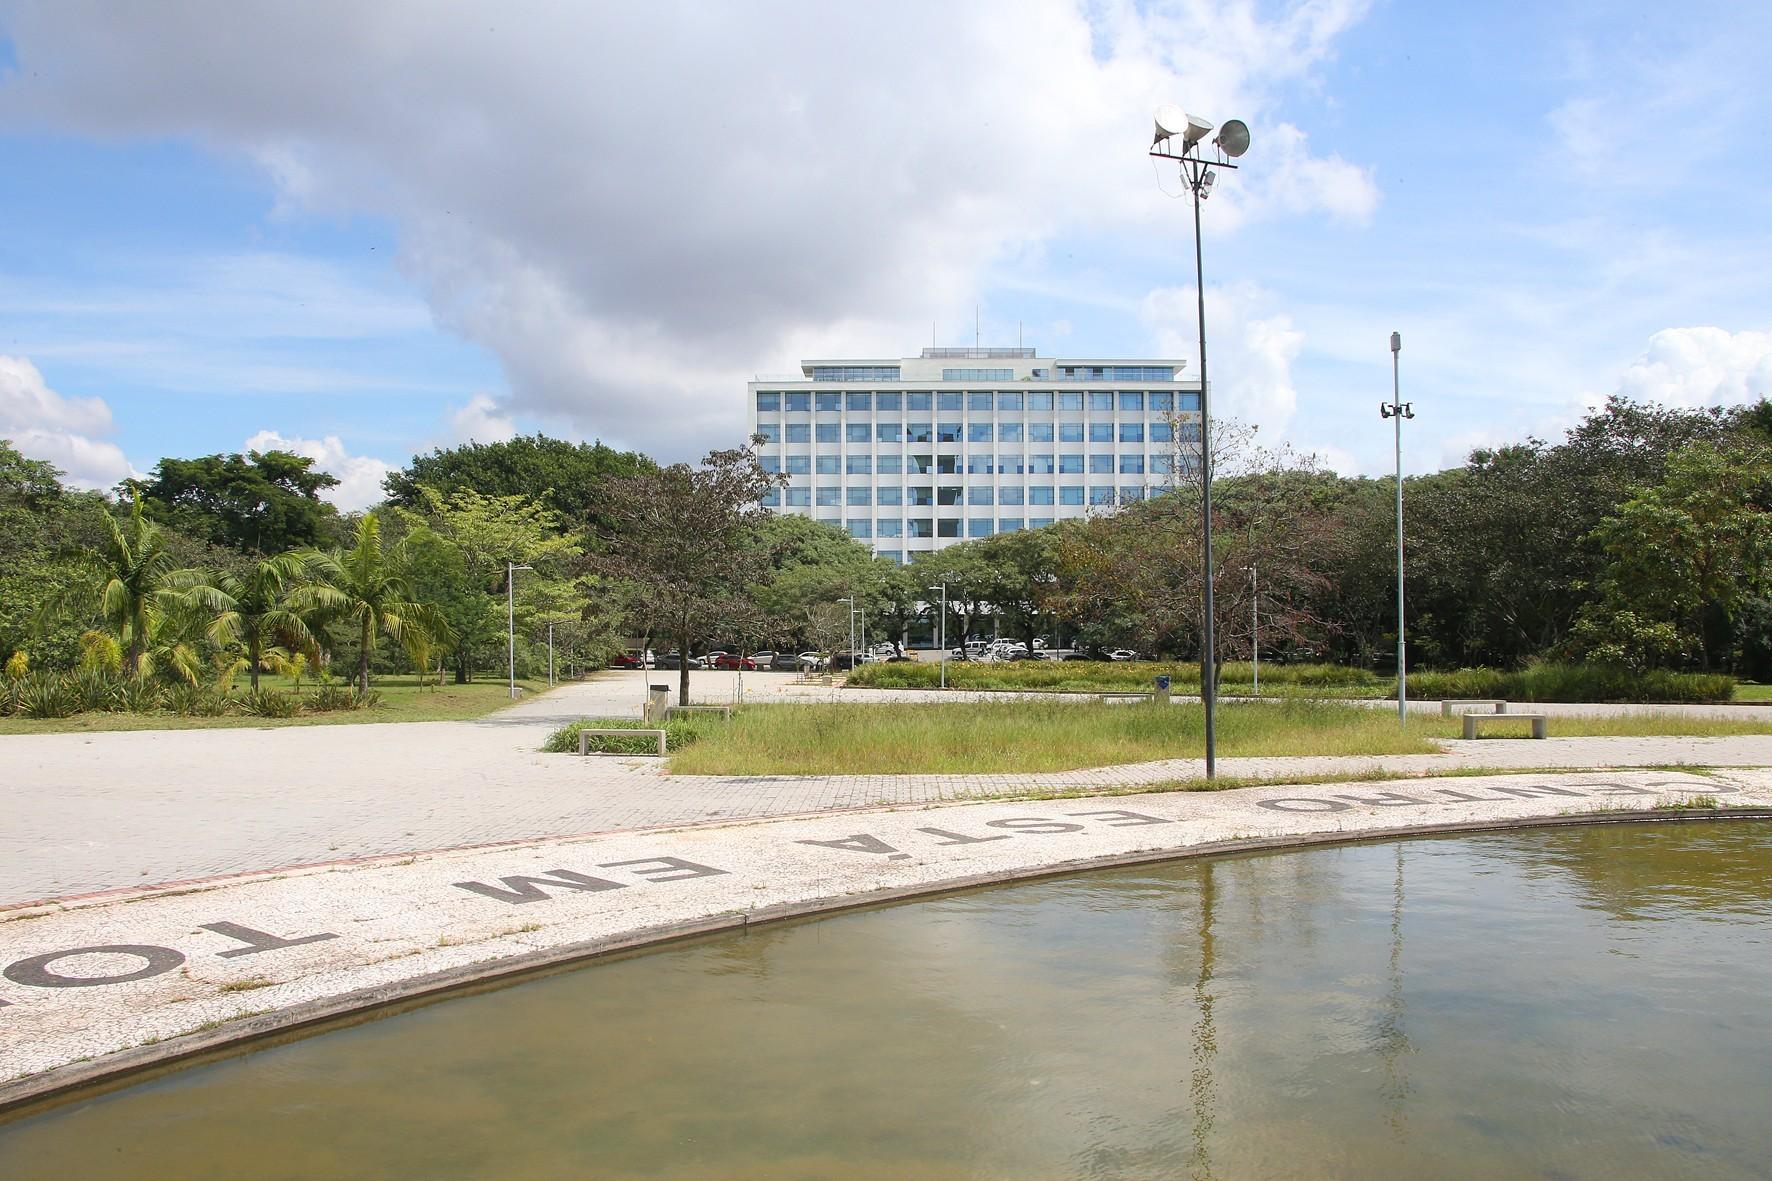 Praa-do-Relgio-Foto-Marcos-Santos-020